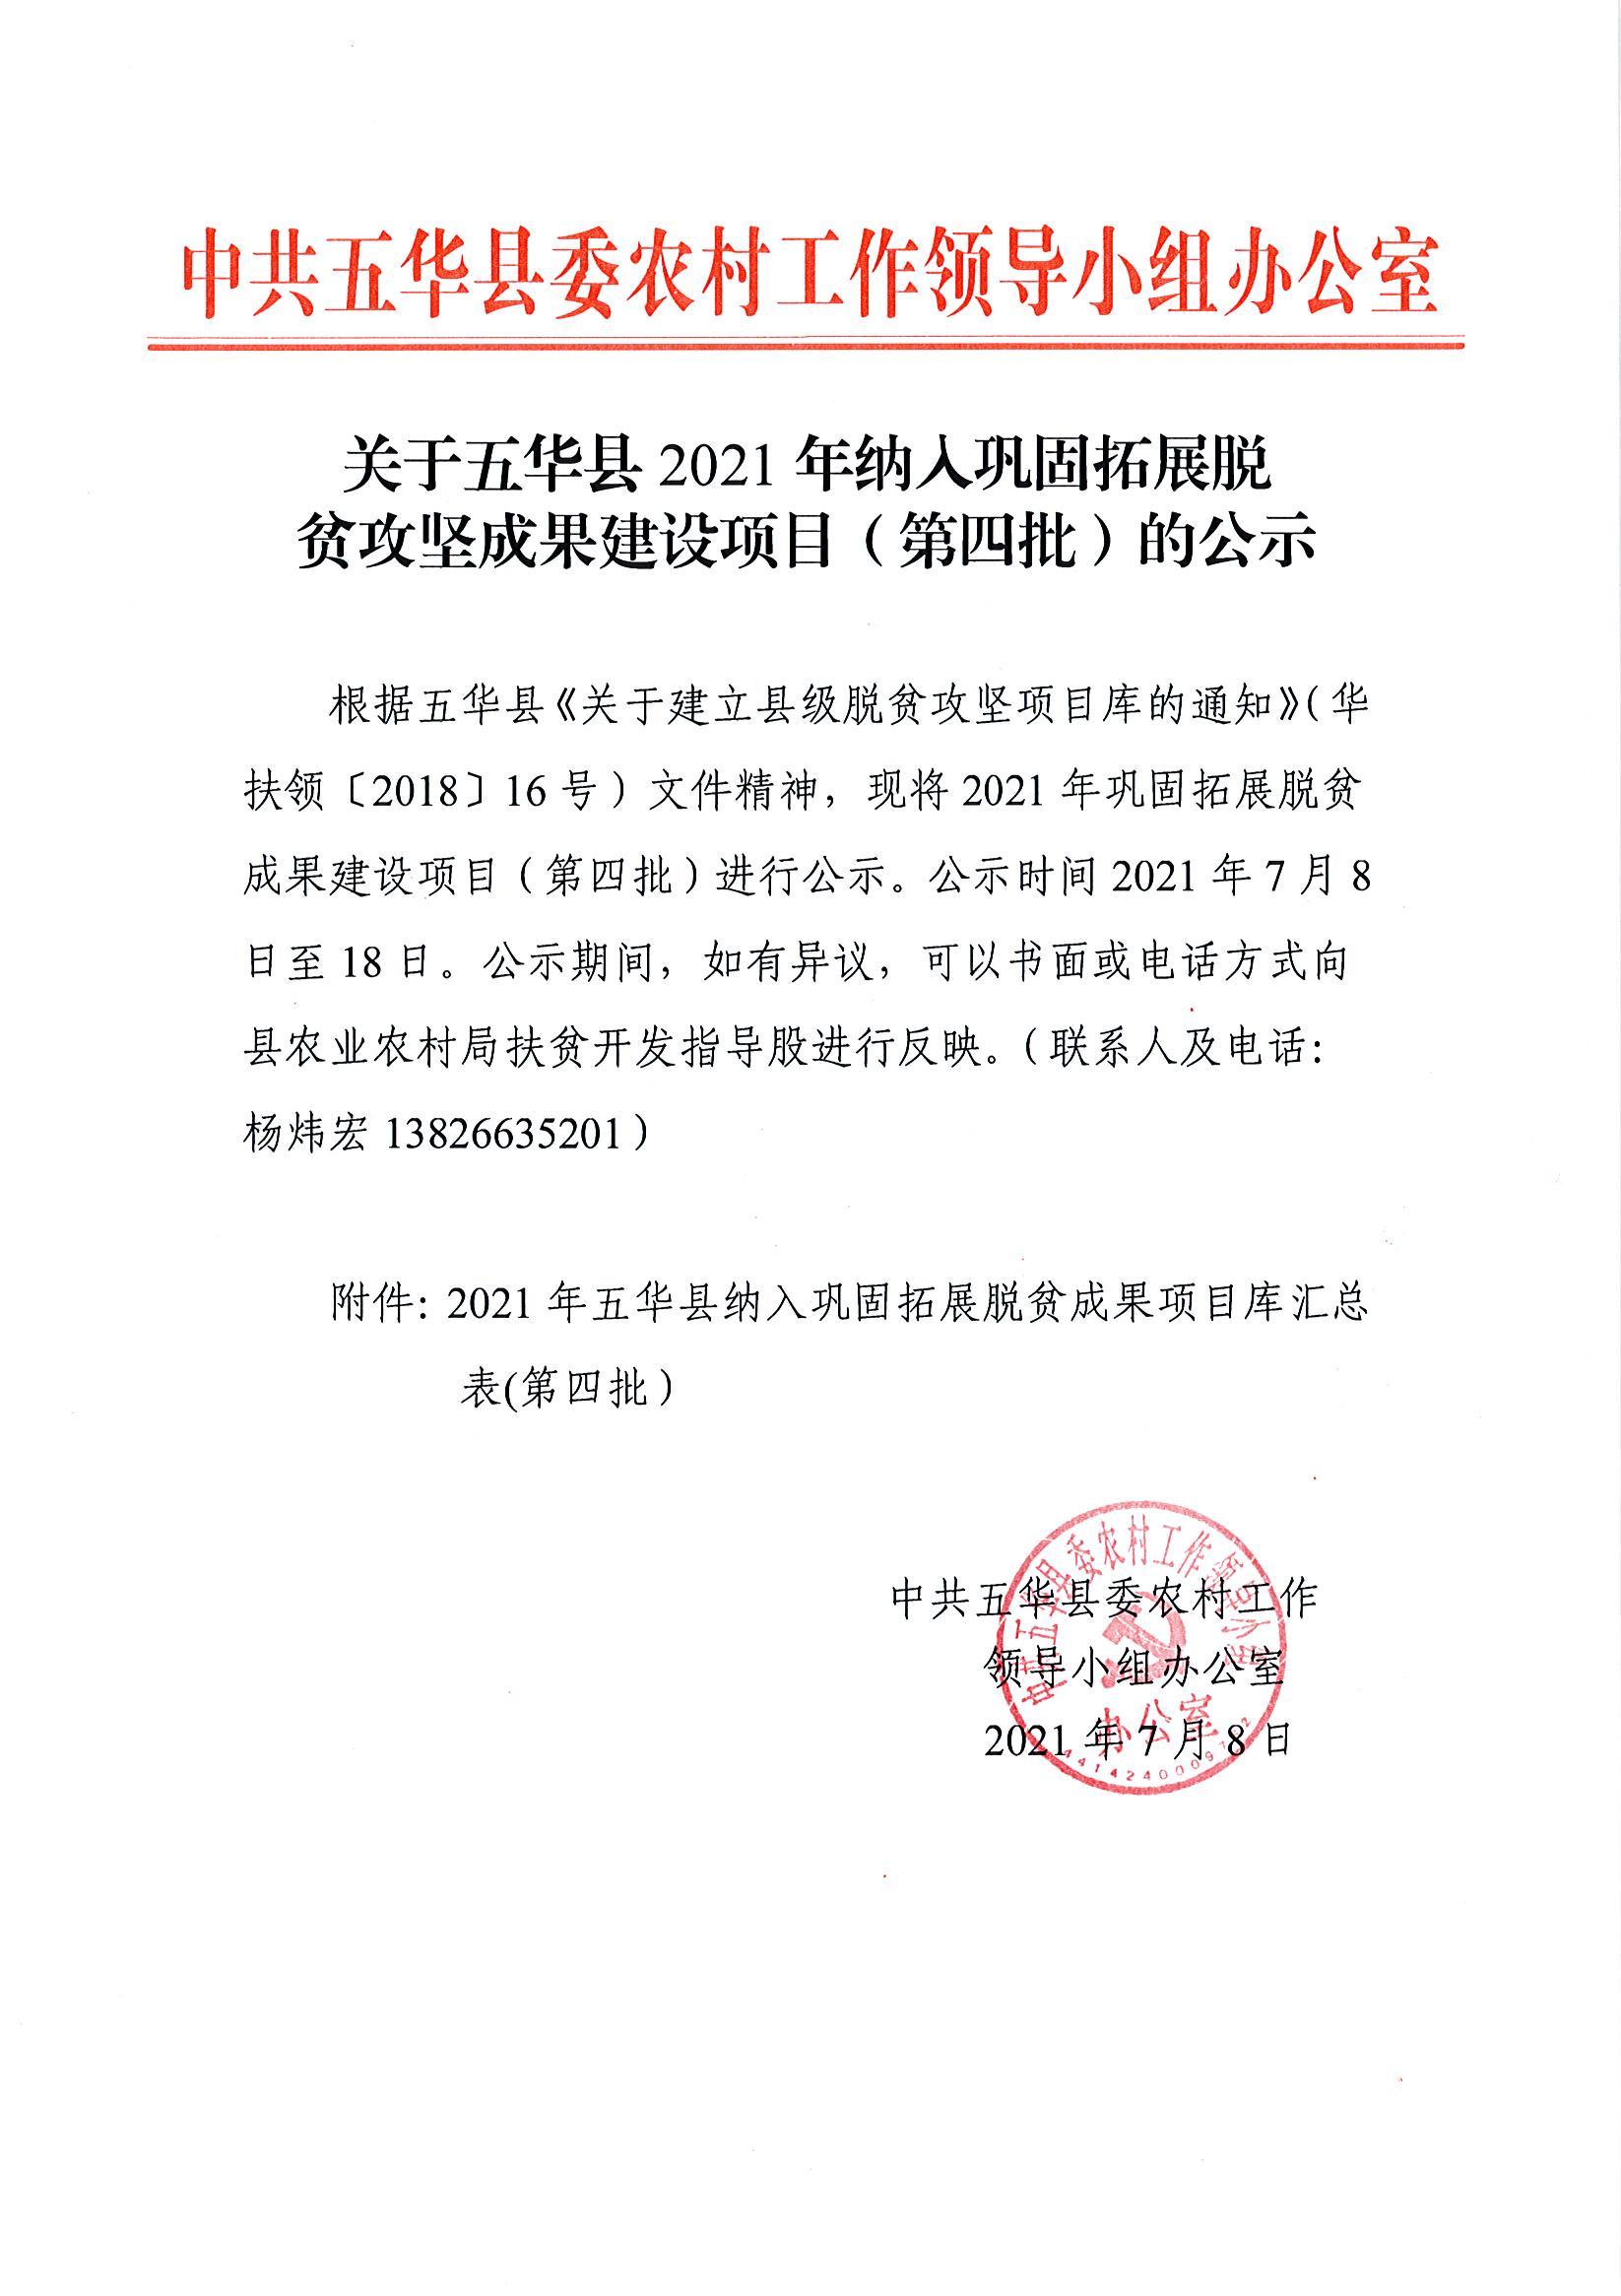 关于五华县2021年纳入巩固拓展脱贫攻坚成果建设项目(第四批)的公示.jpg